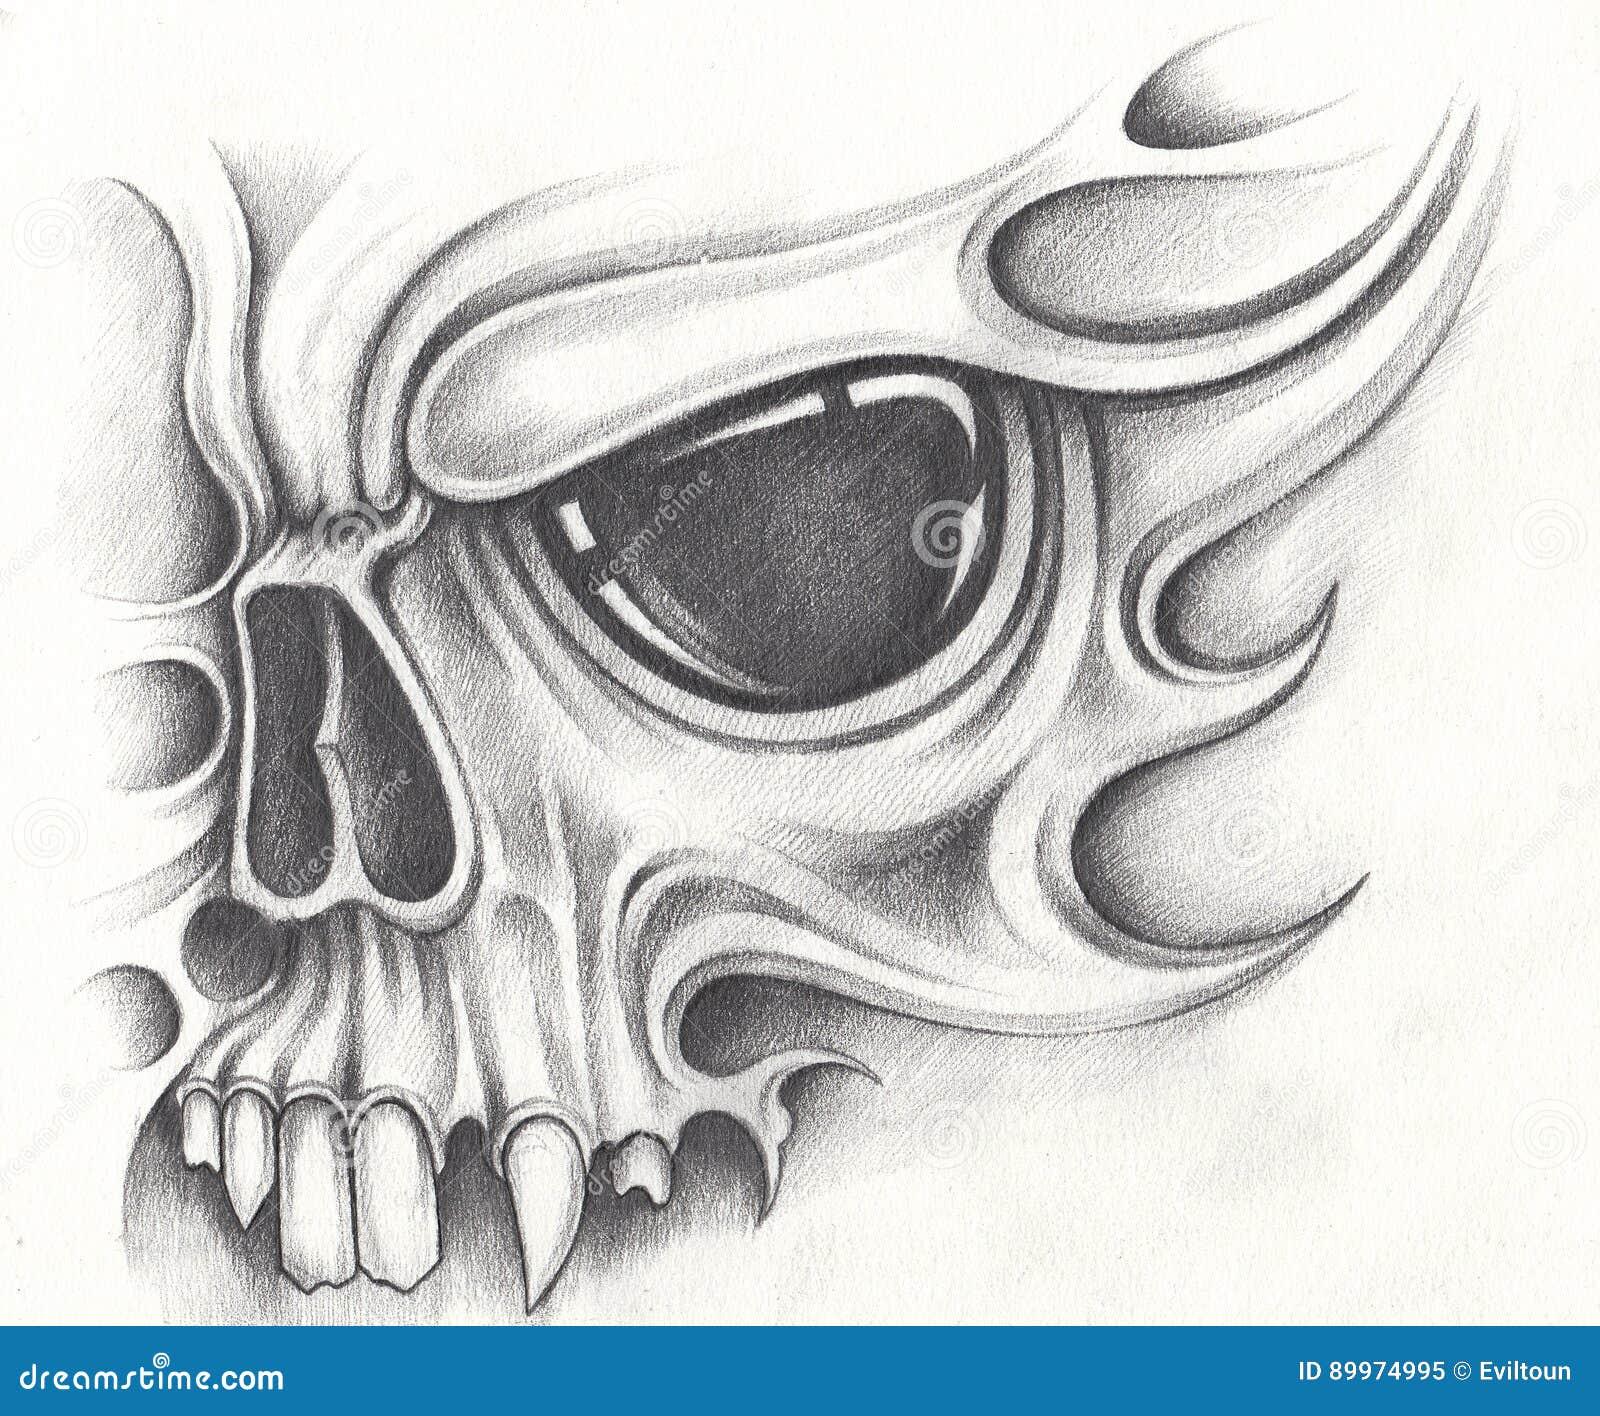 Art skull tattoo. stock illustration. Illustration of halloween ...